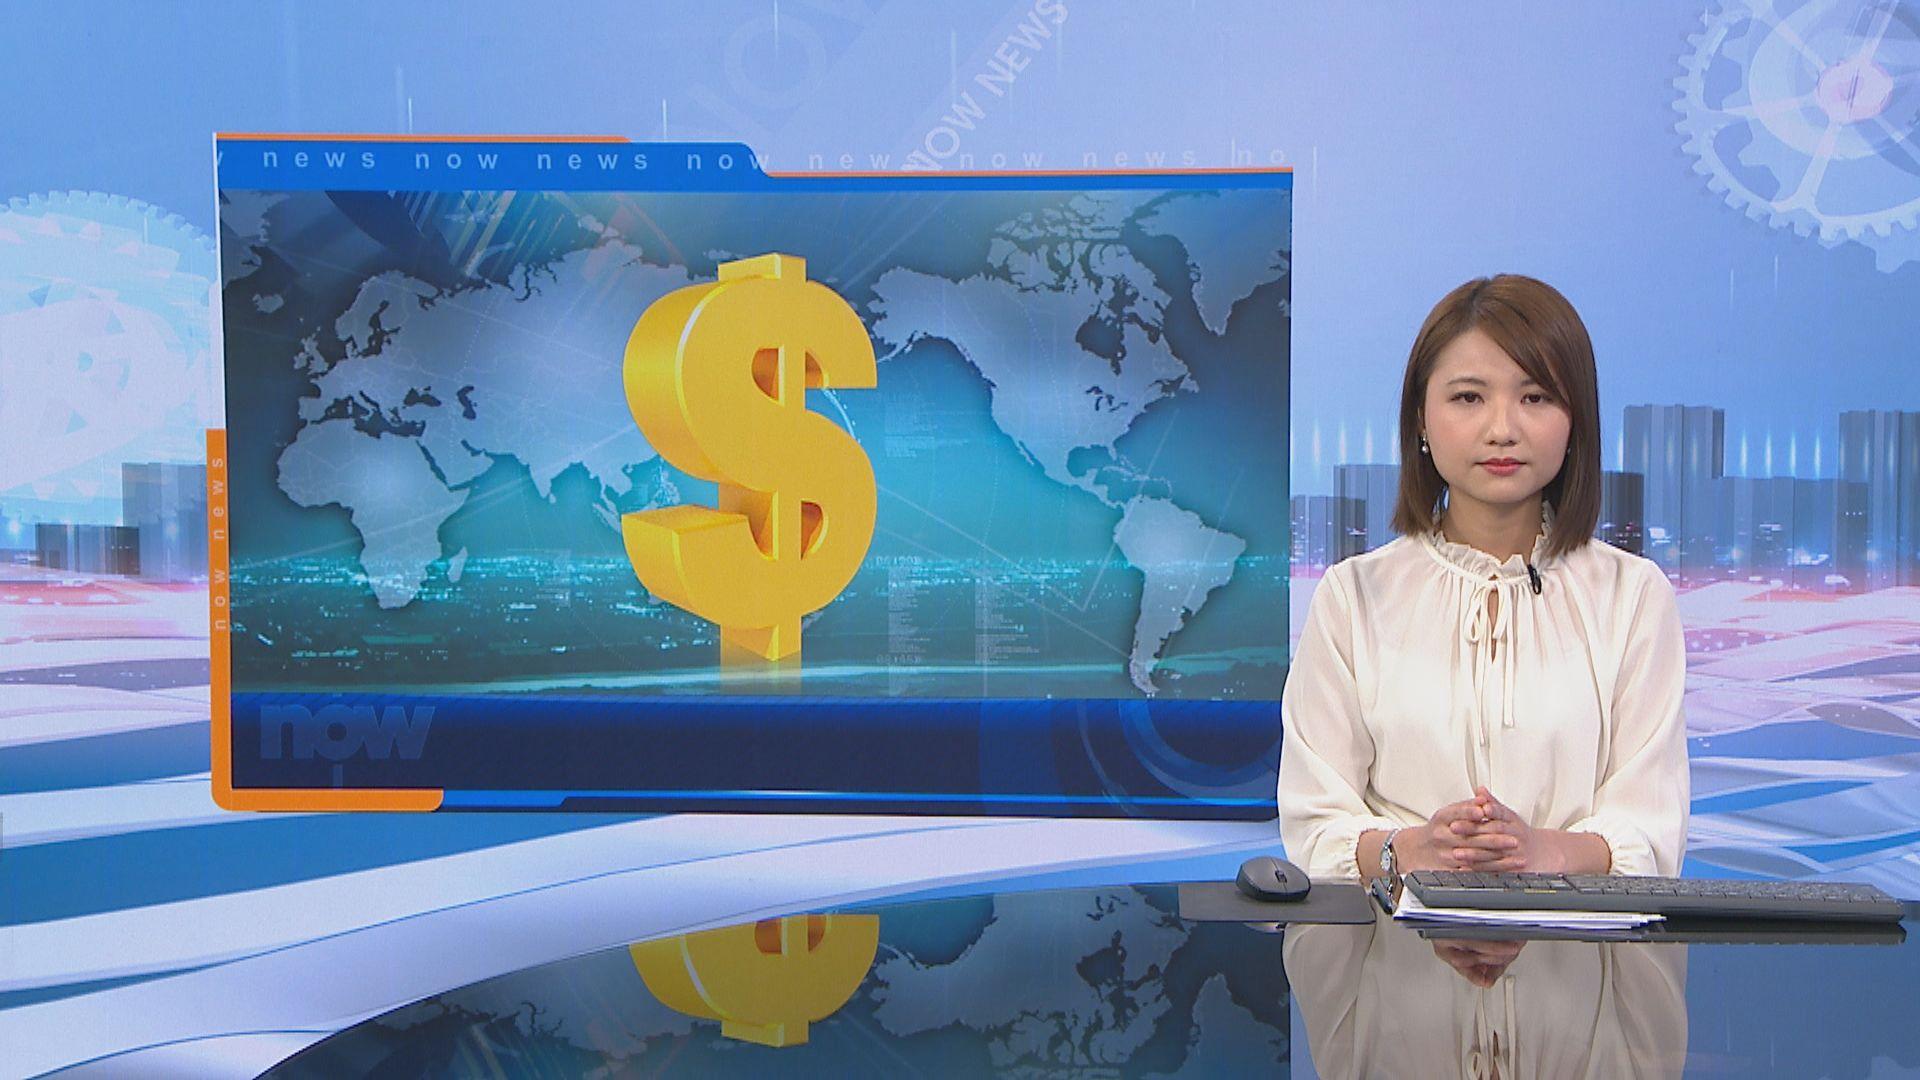 大摩:疫情令中國短期經濟增長面臨下滑風險